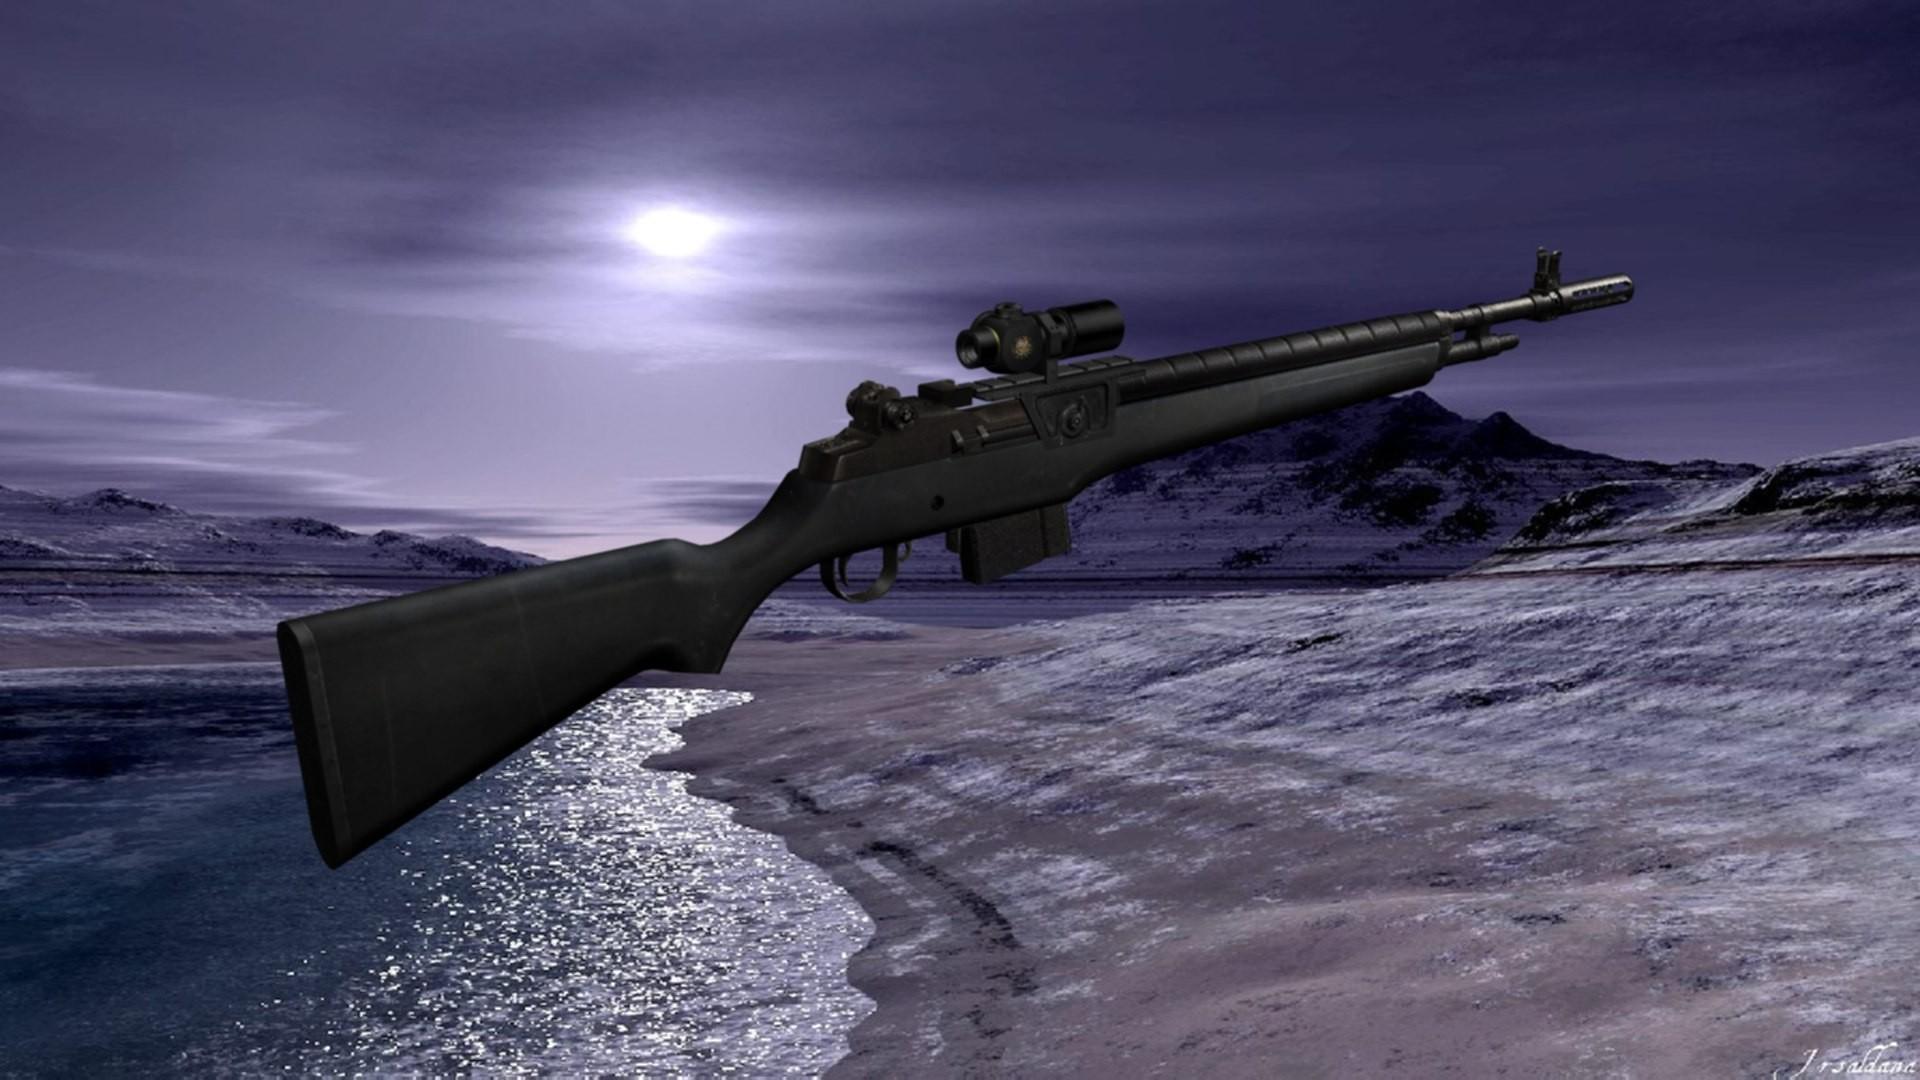 دانلود اسکین Awp | M14 برای کانتر سورس